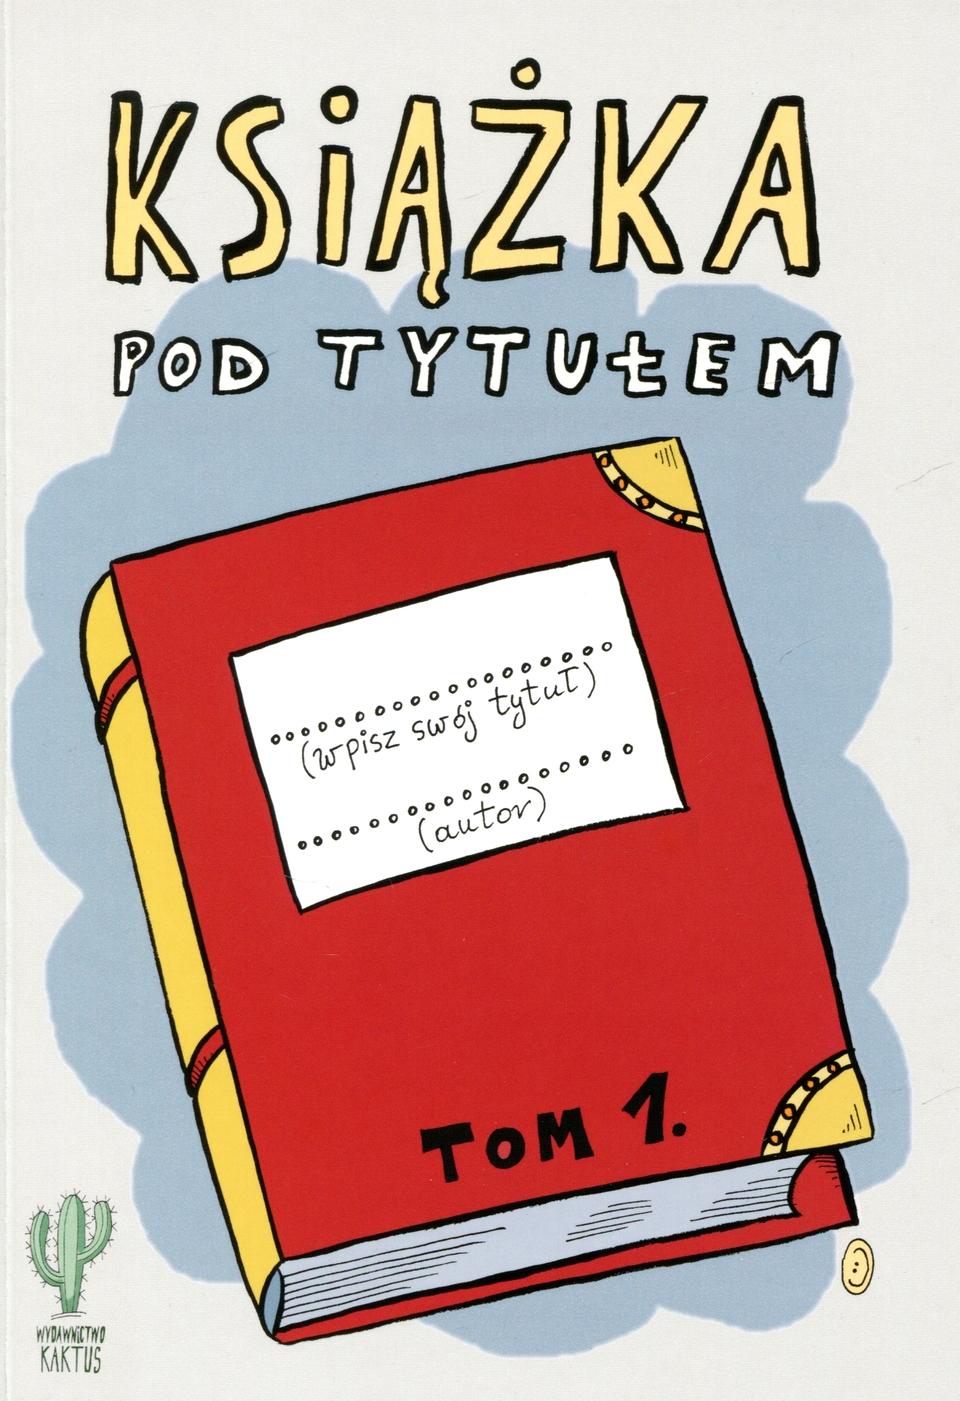 Trojanowski_Ksiazka_pod_tytulem